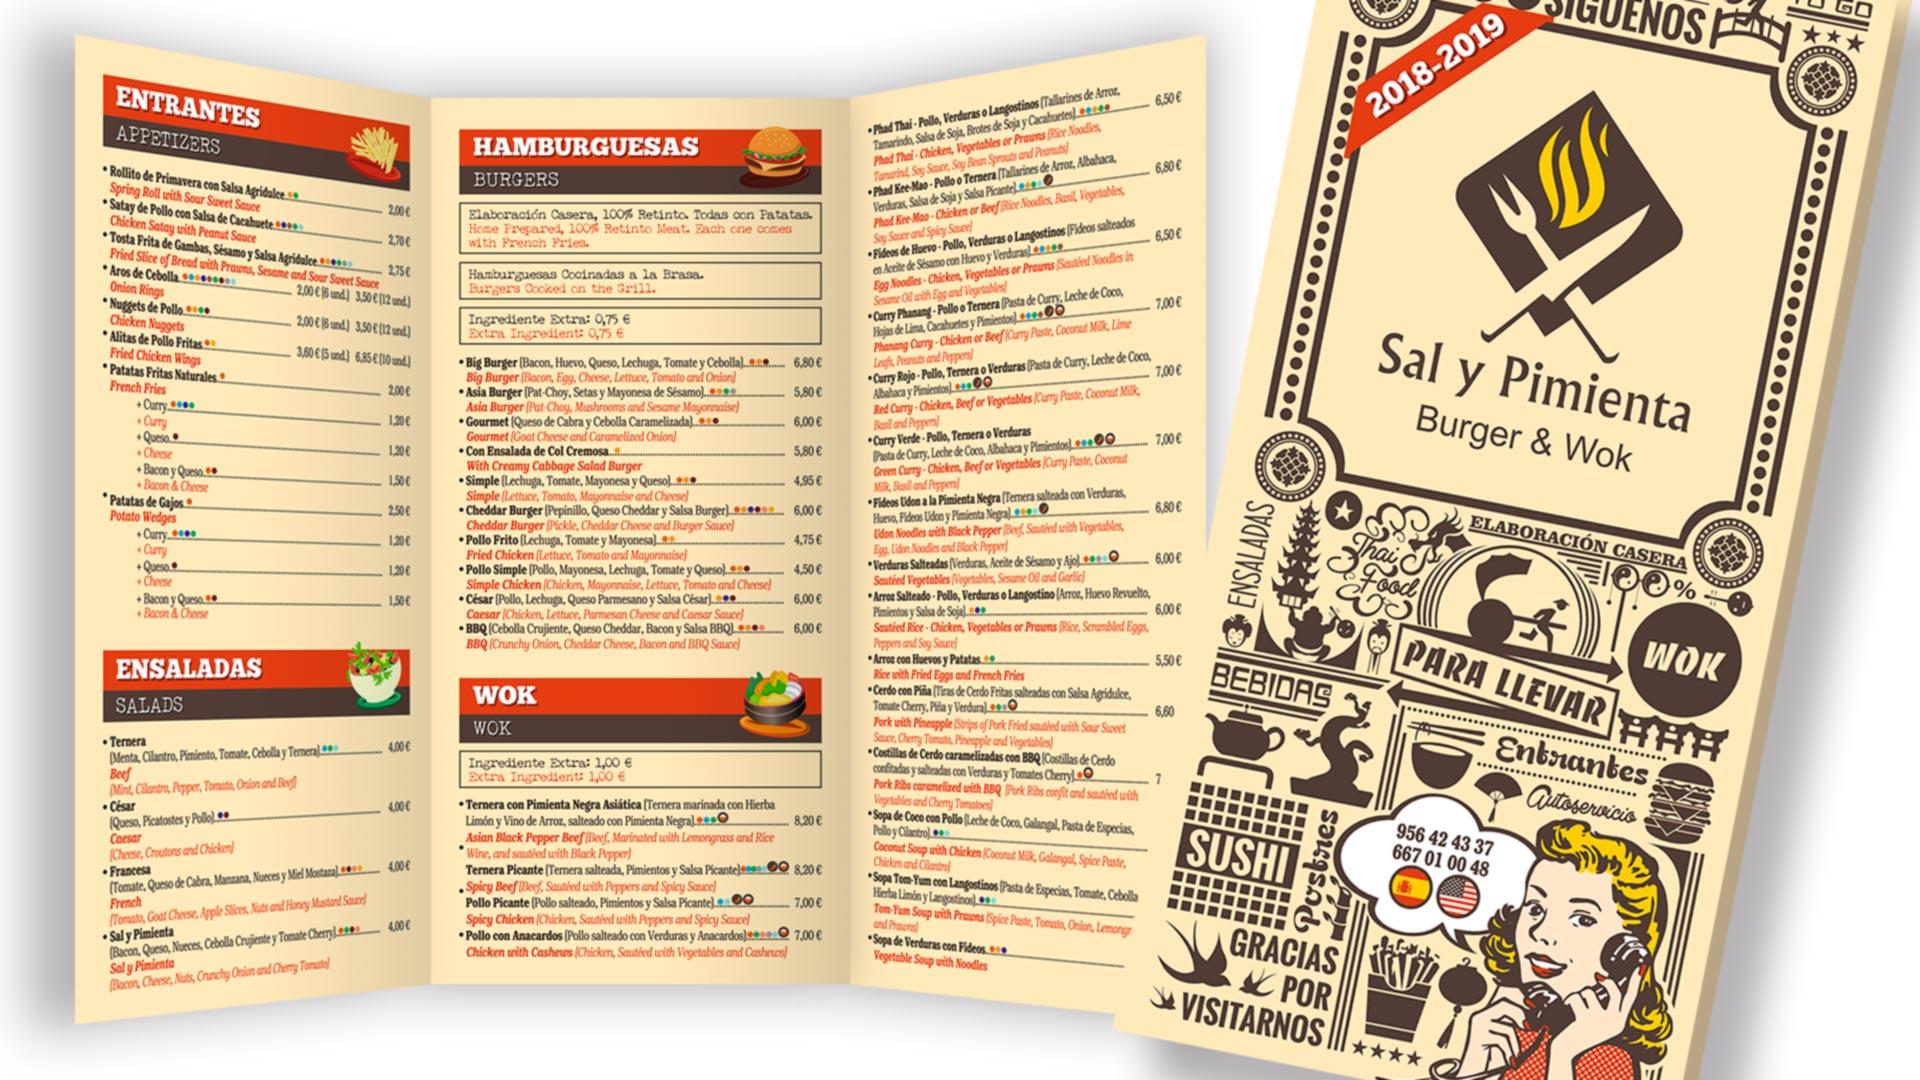 Sal y Pimienta Burger & Wok